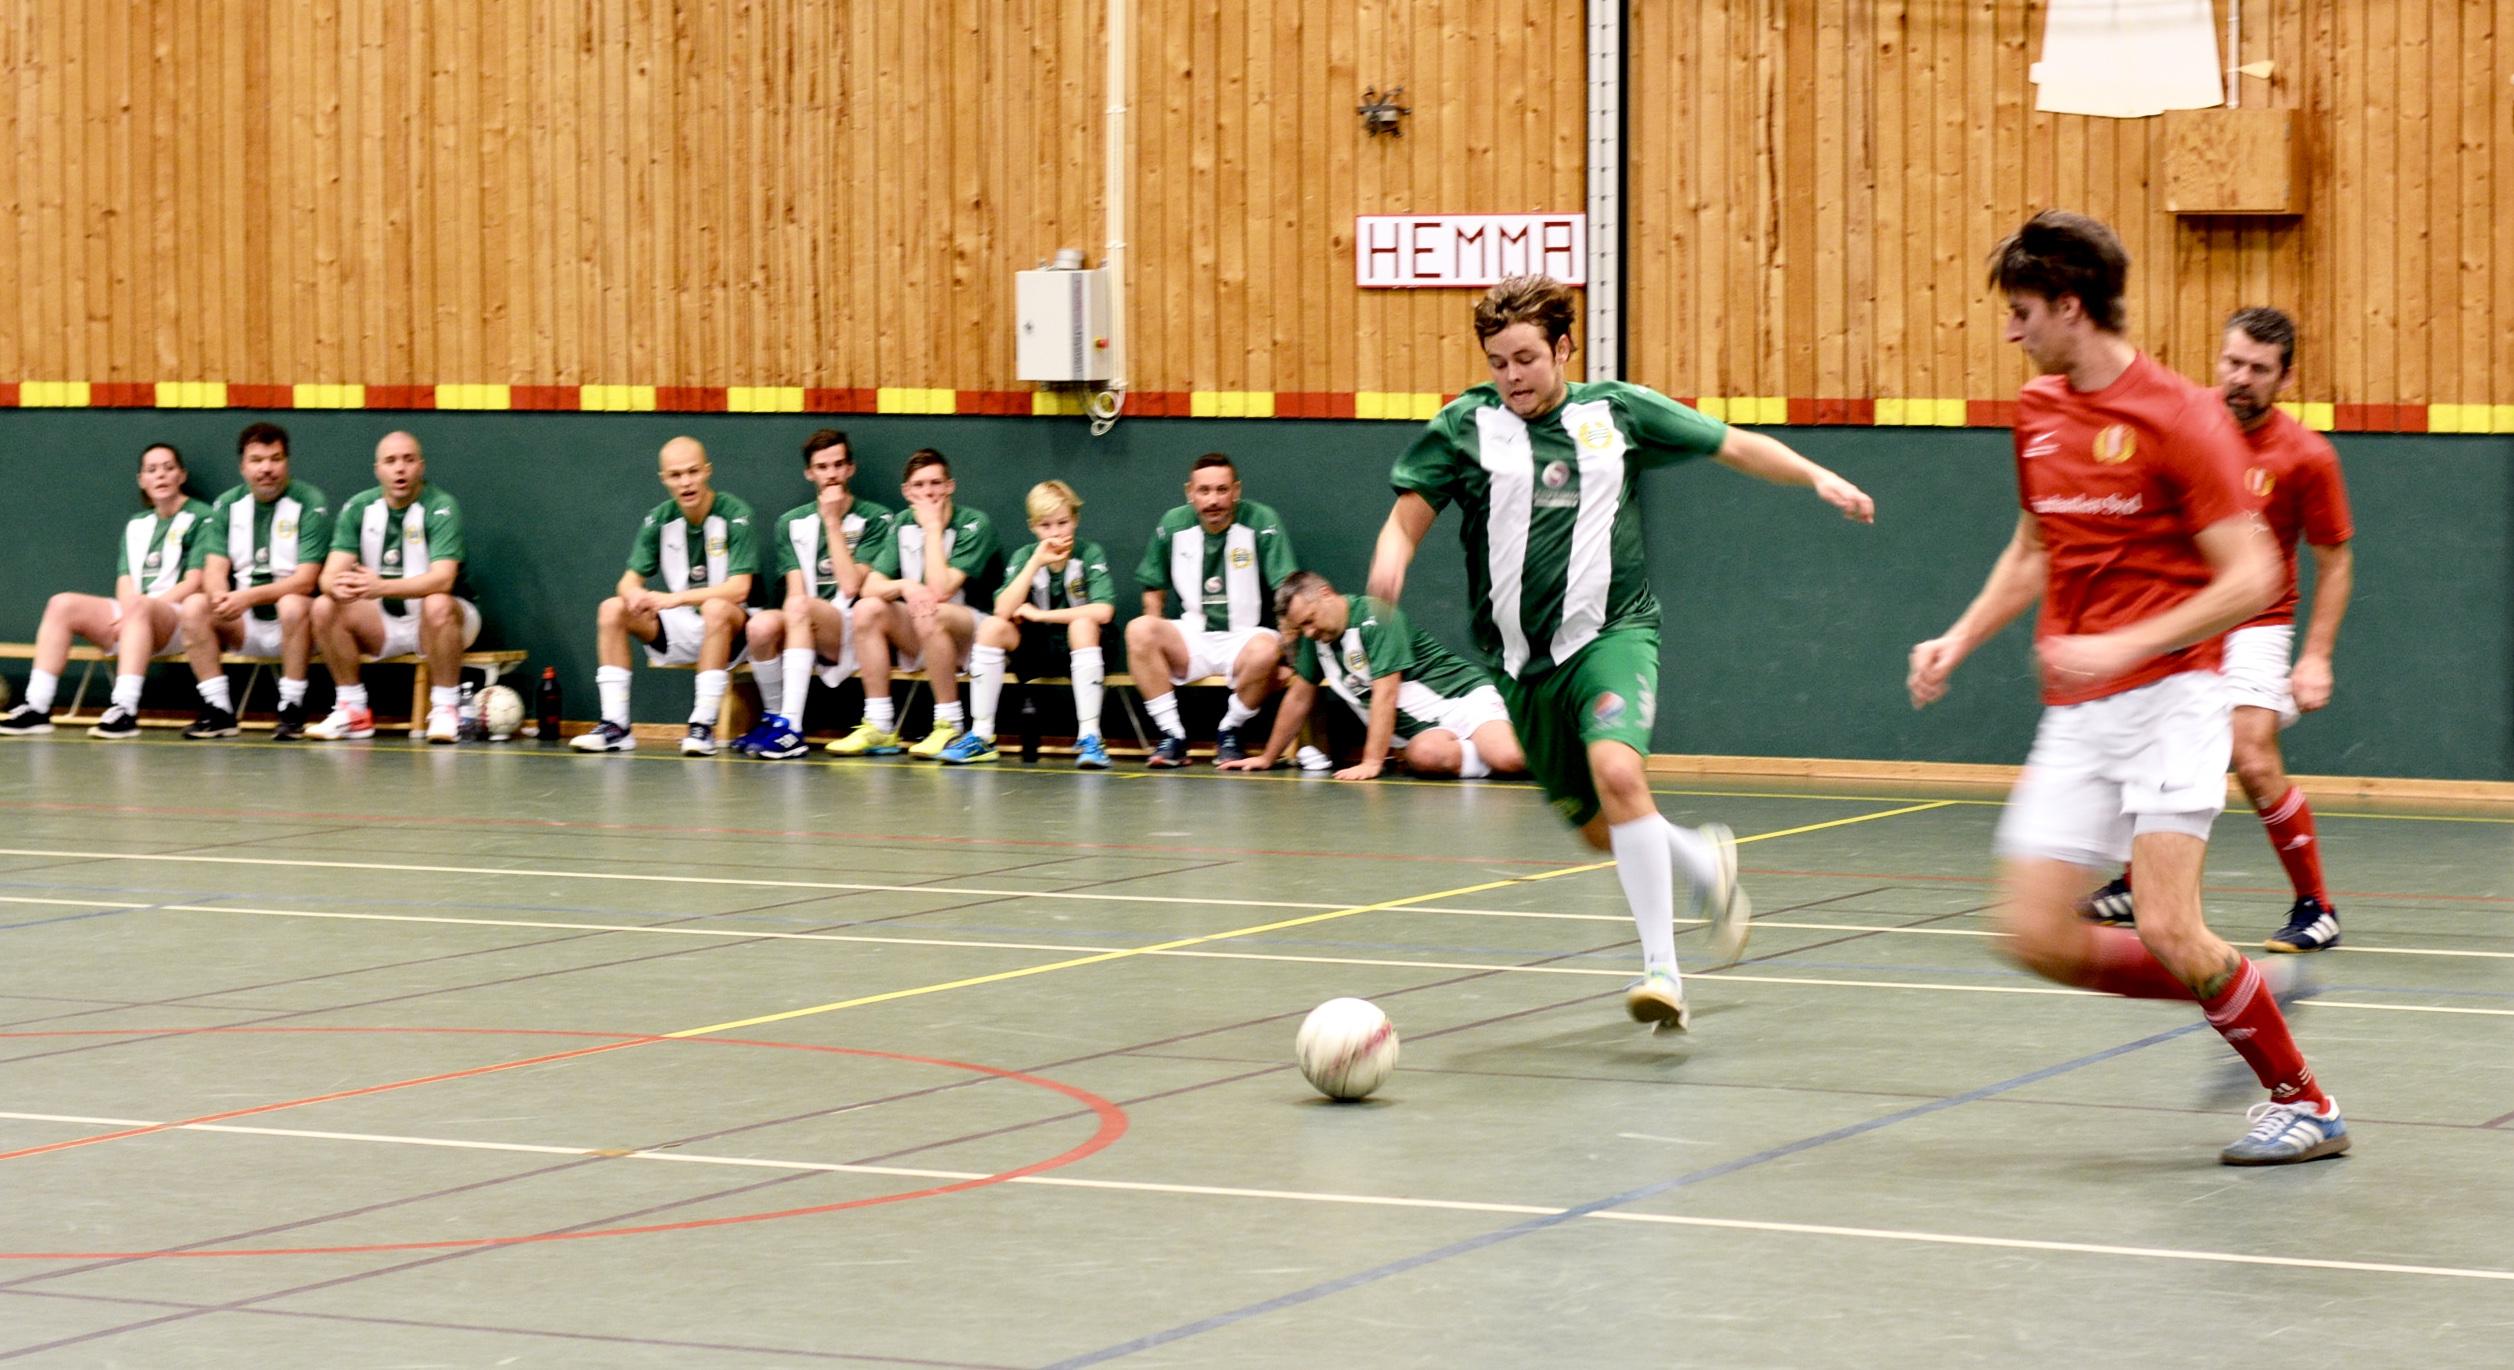 DSC 4679 österlen.se